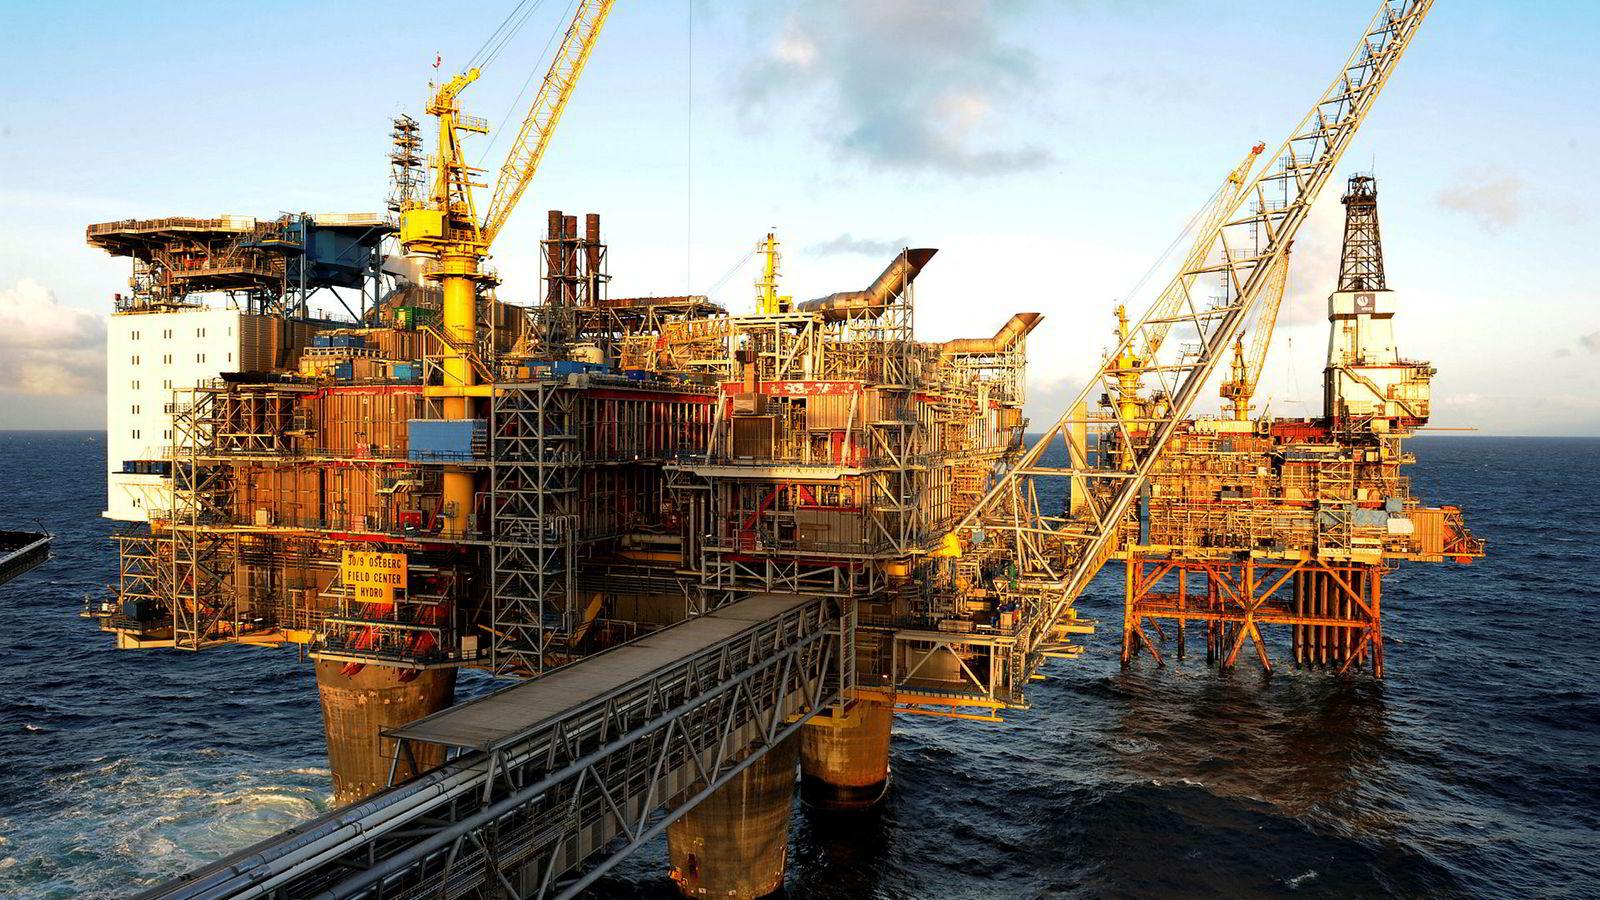 Oseberg er et olje- og gassfelt i norsk sektor av Nordsjøen.